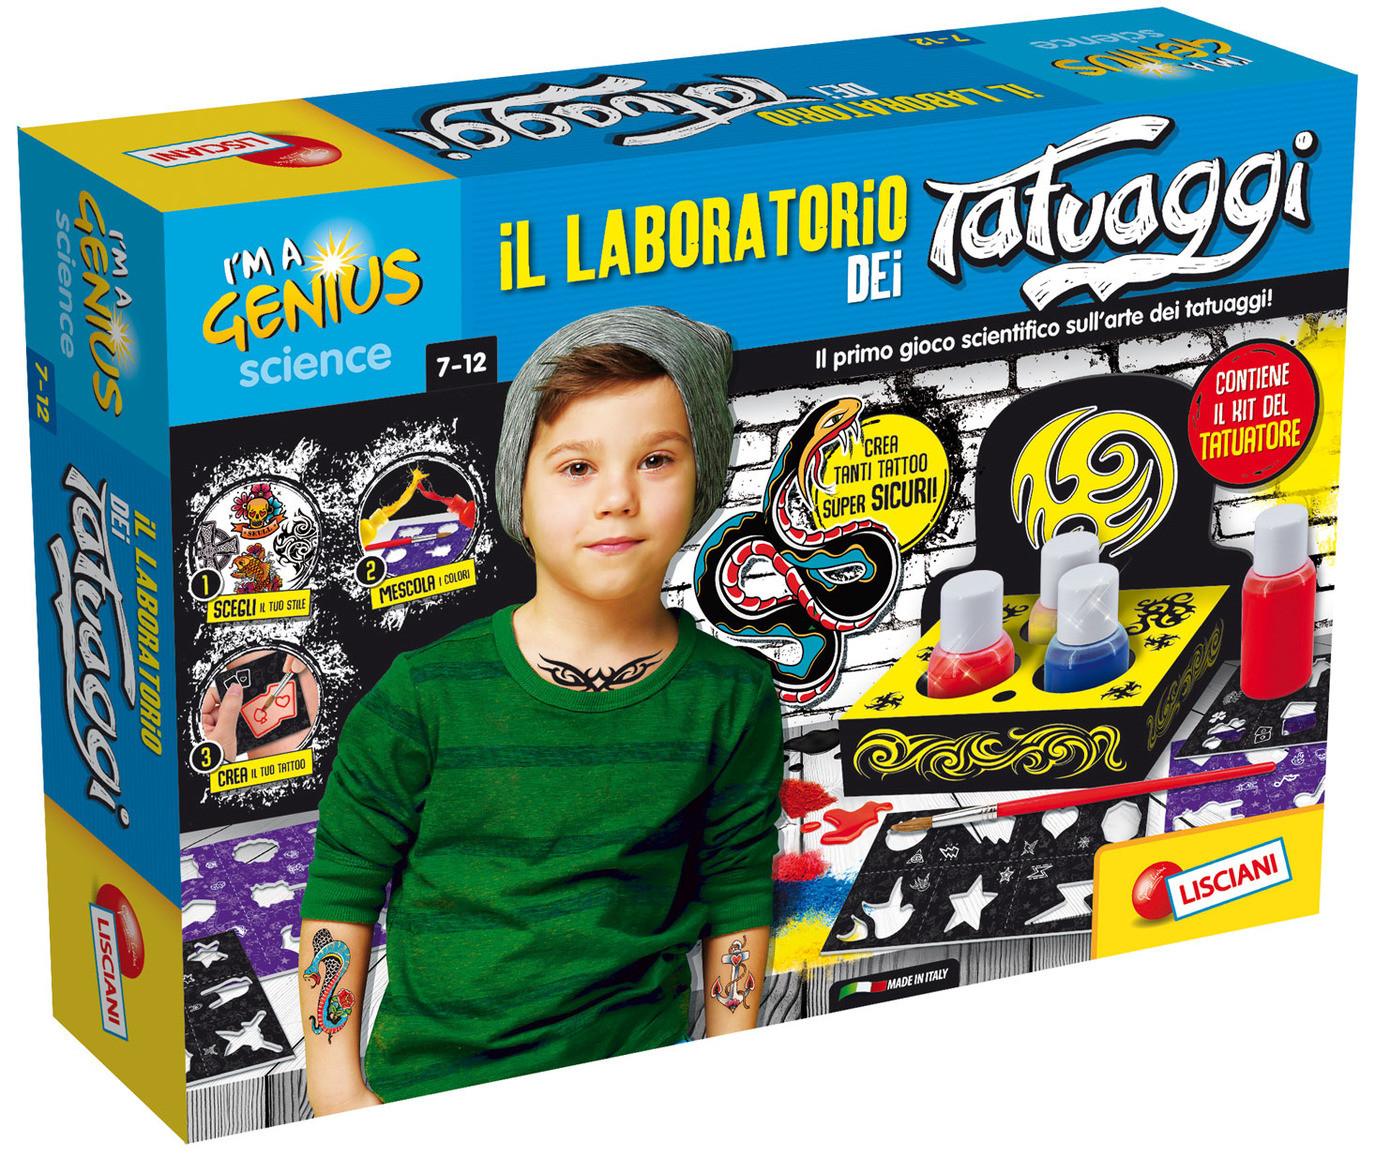 La Fabbrica dei Tatuaggi - Piccolo Genio